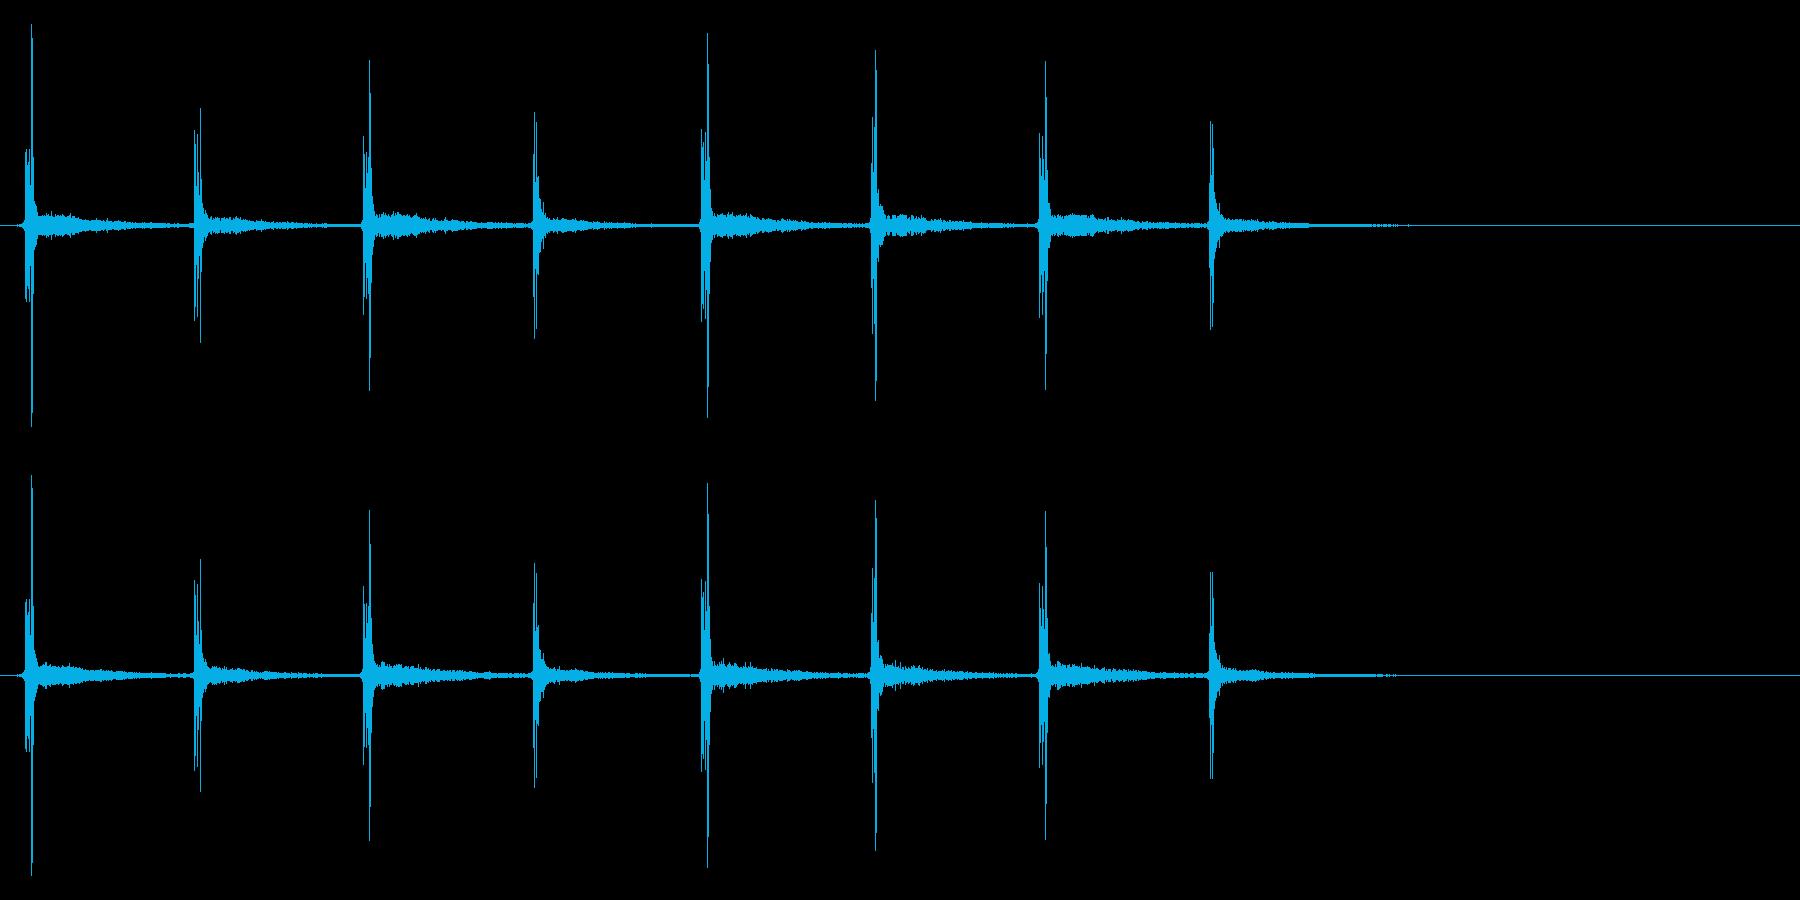 時計 秒針03-7(リバーブ 1)の再生済みの波形